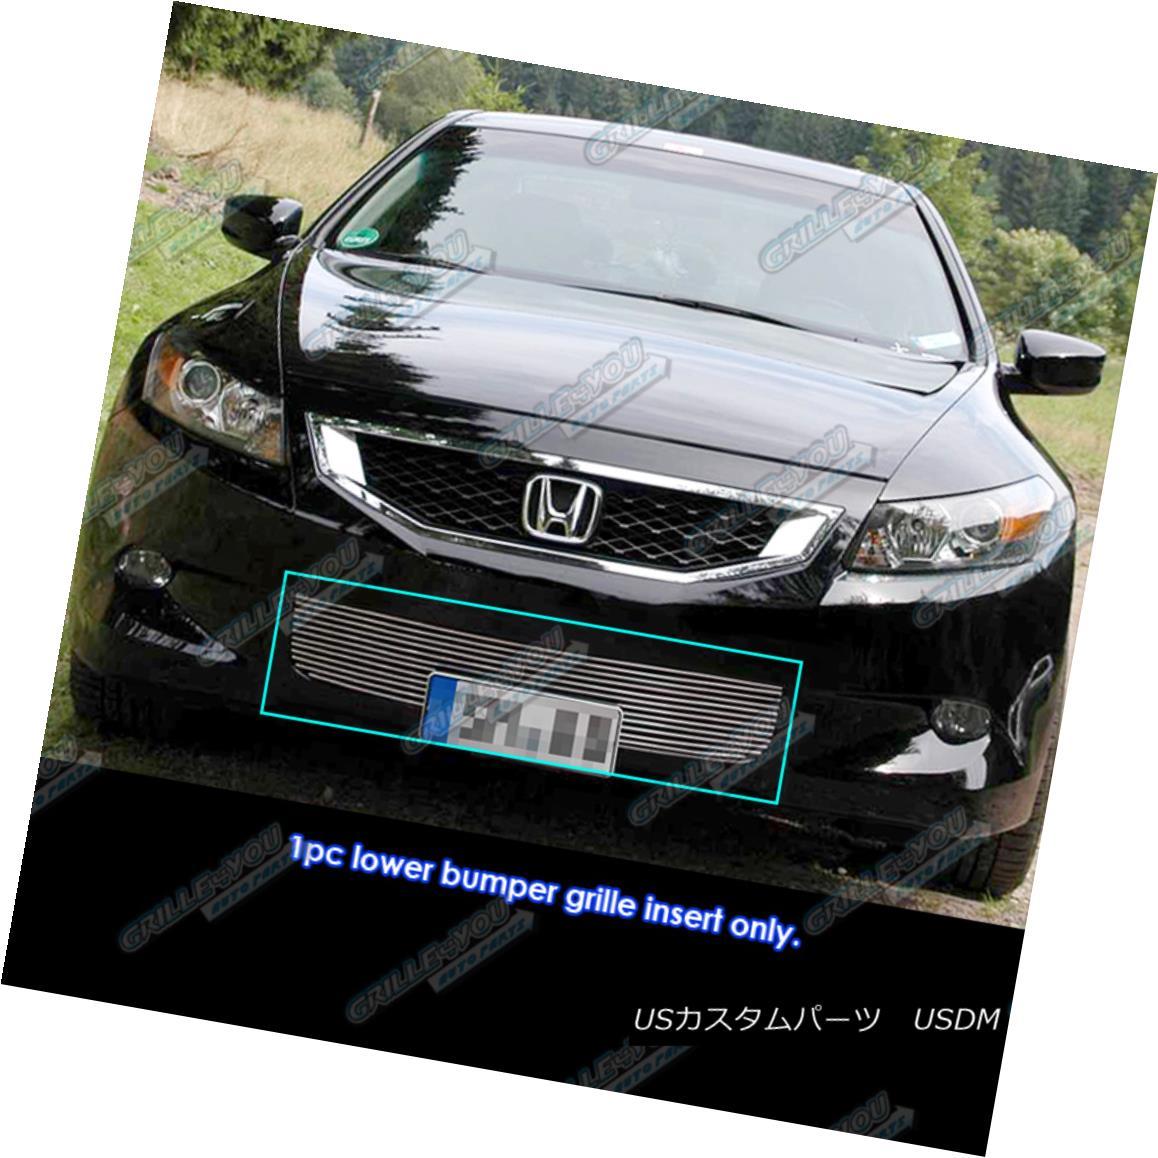 グリル Fits 2008-2010 Honda Accord Coupe Bumper Billet Grille Insert Fond 2008-2010 Honda Accord Coupe Bumperビレットグリルインサート